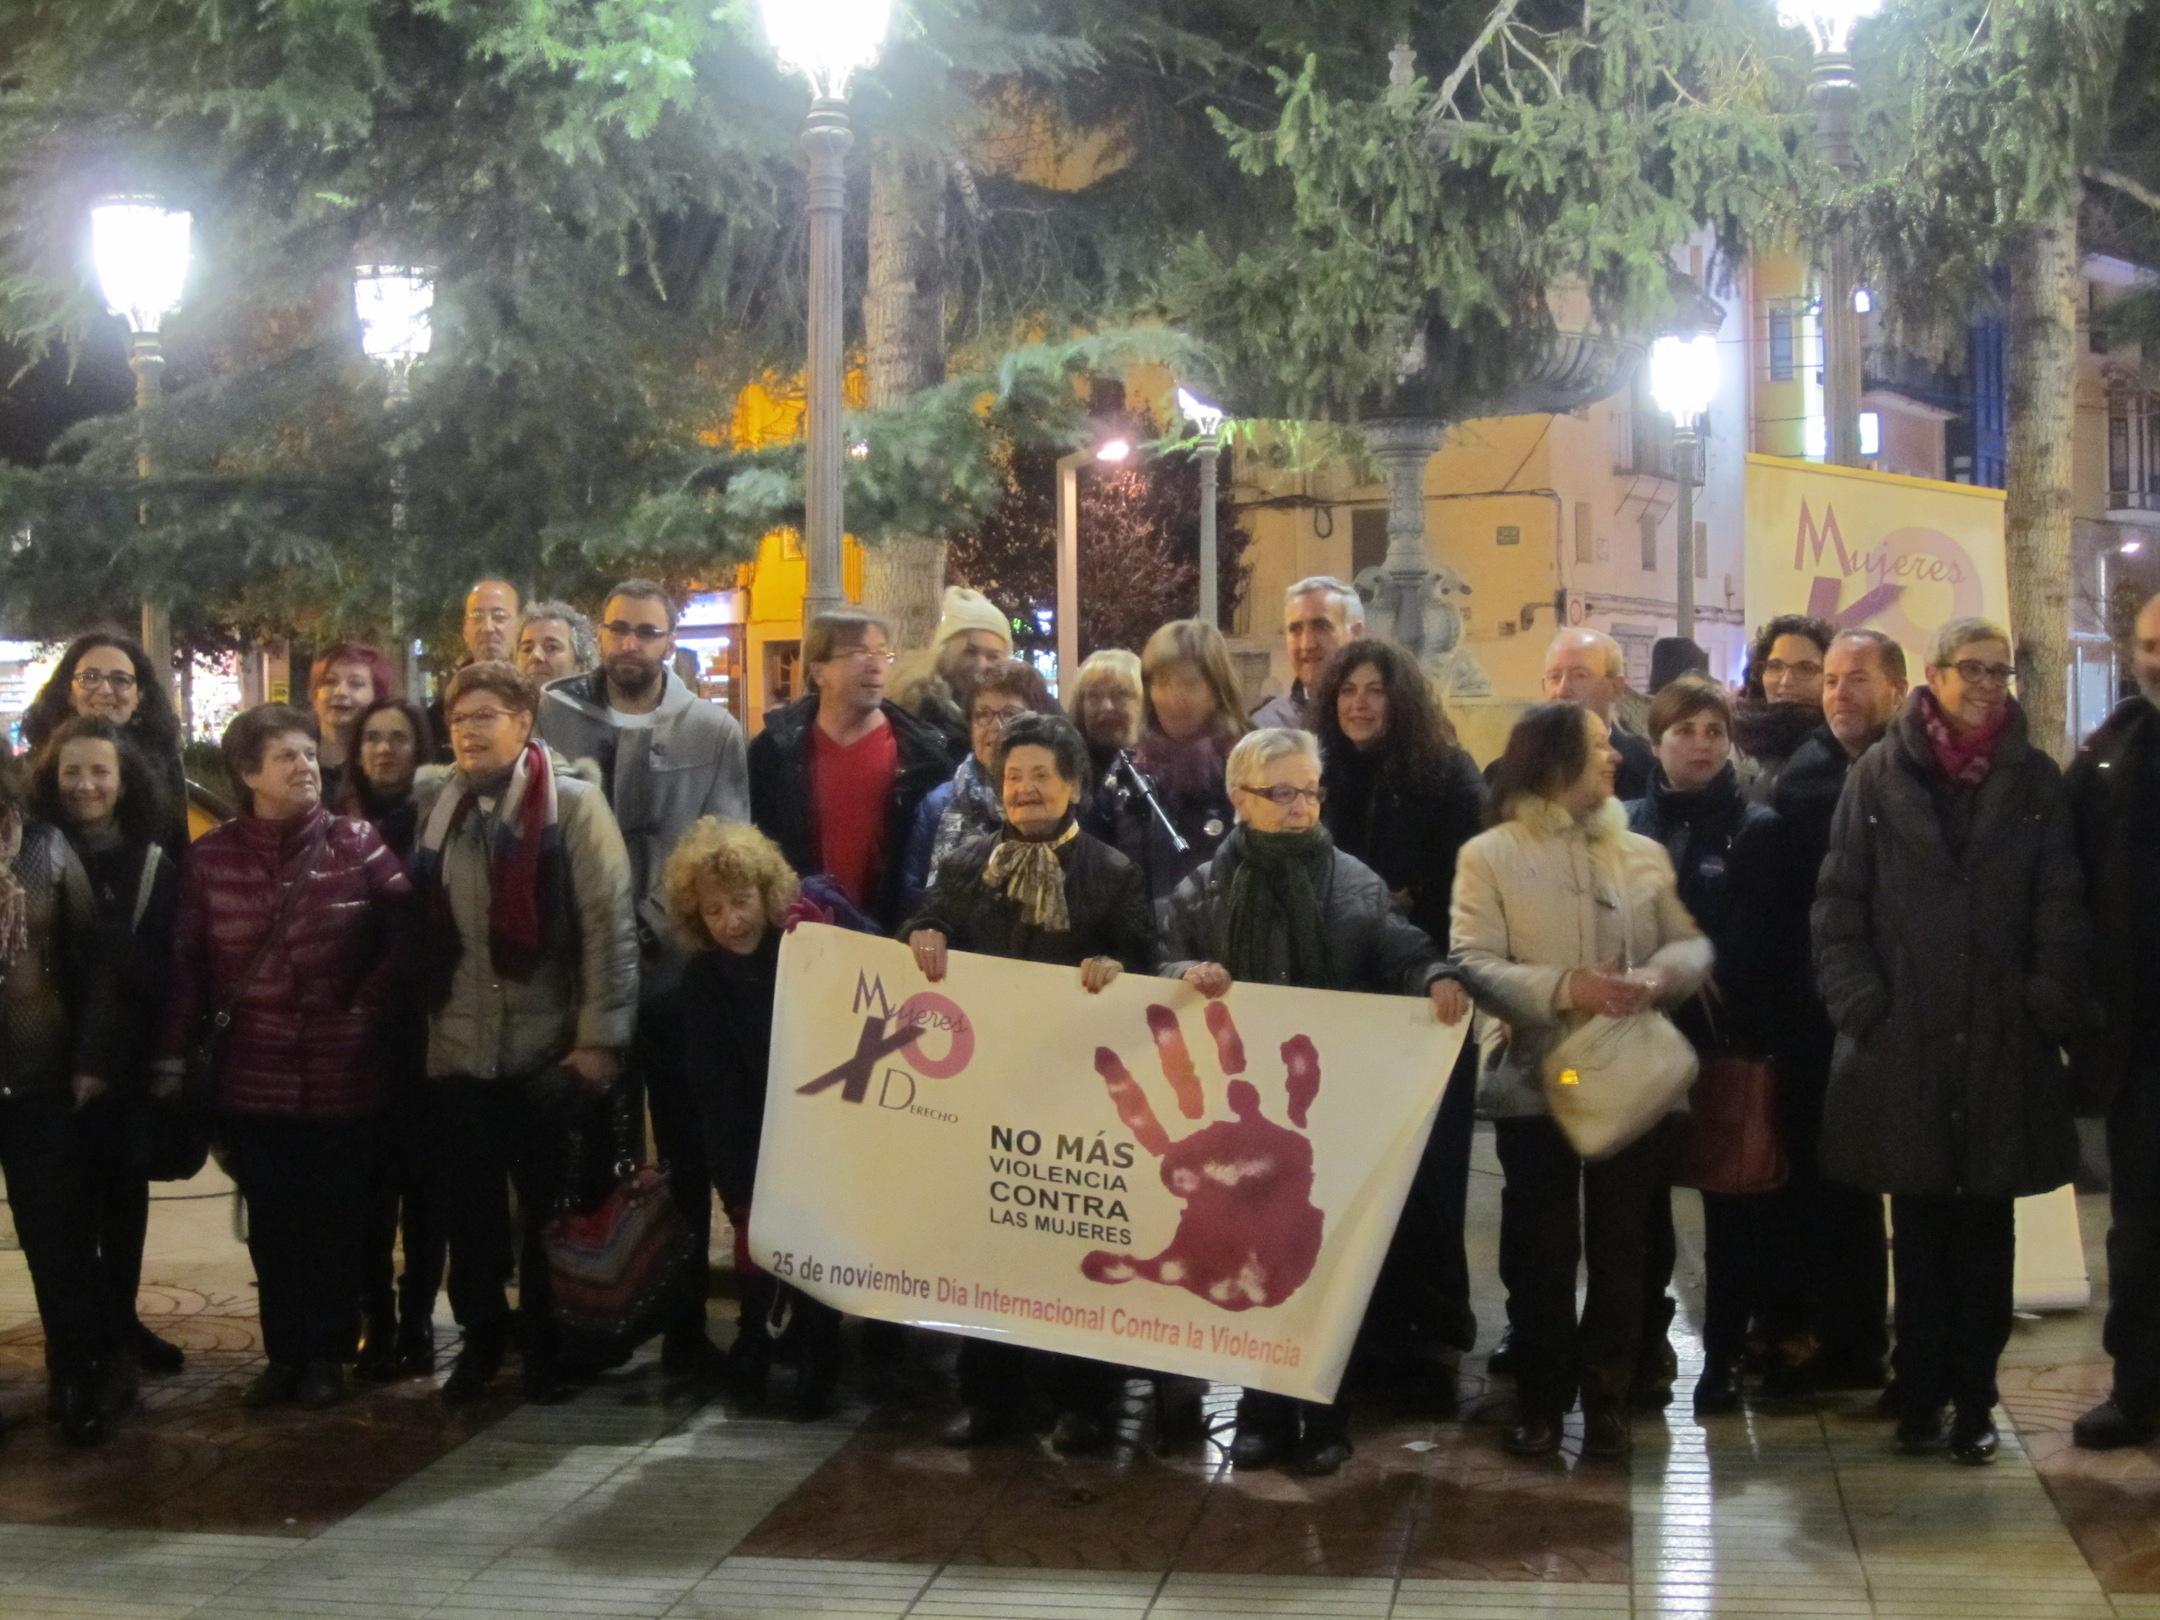 Entre los presentes en la concentración contra la violencia de género en Requena ha estado el alcalde, Mario Sánchez. Foto: Paloma Chen.